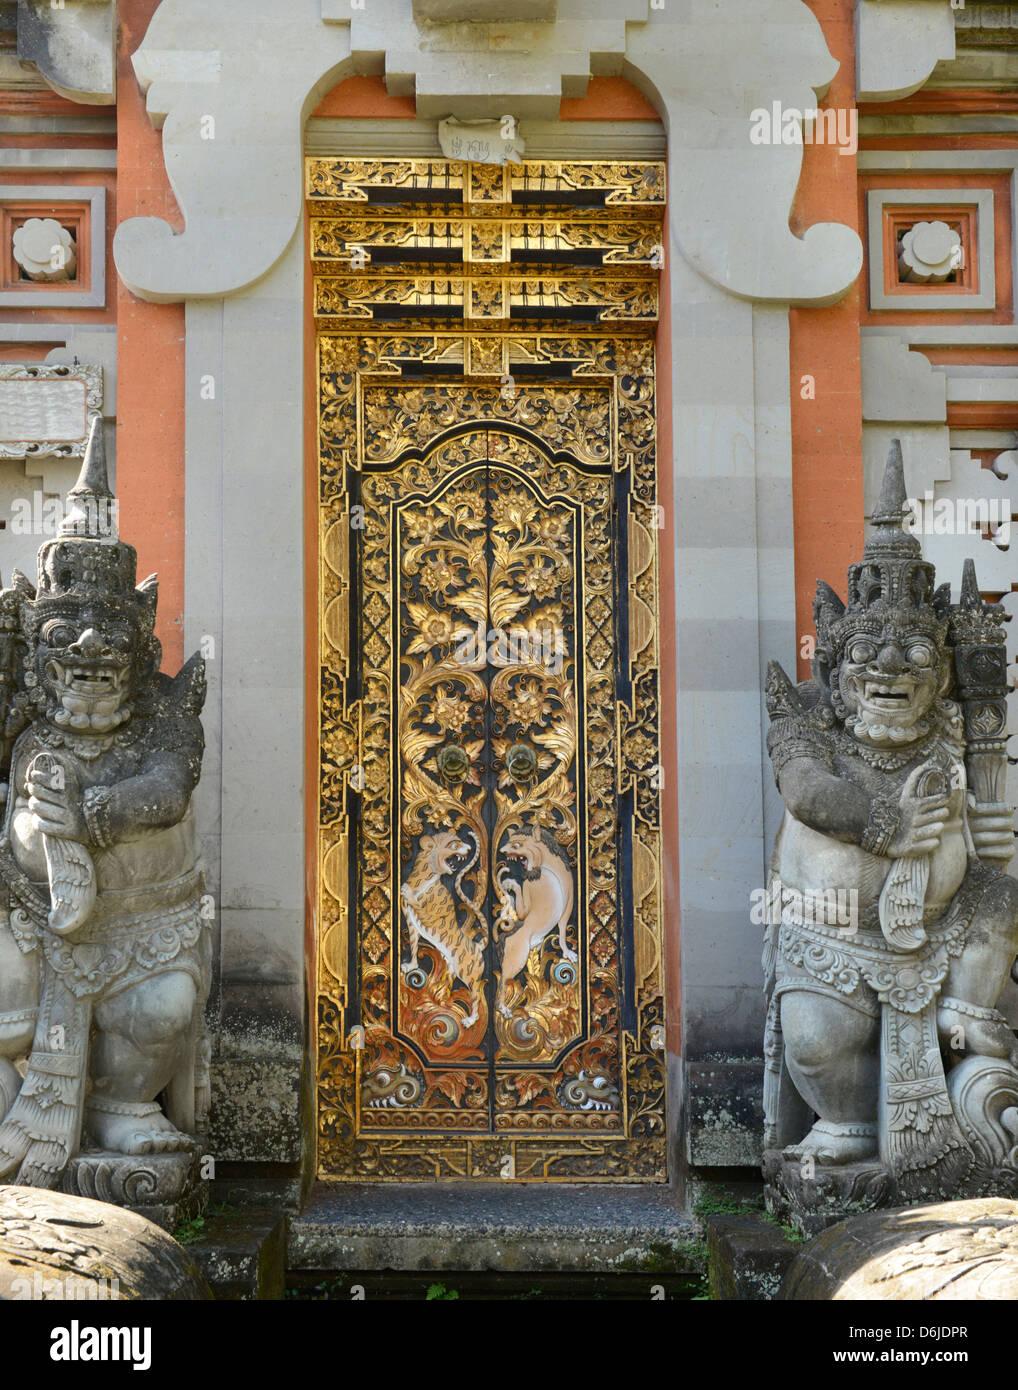 Tür eines reichen balinesischen Haushalts, Bali, Indonesien, Südostasien, Asien Stockbild